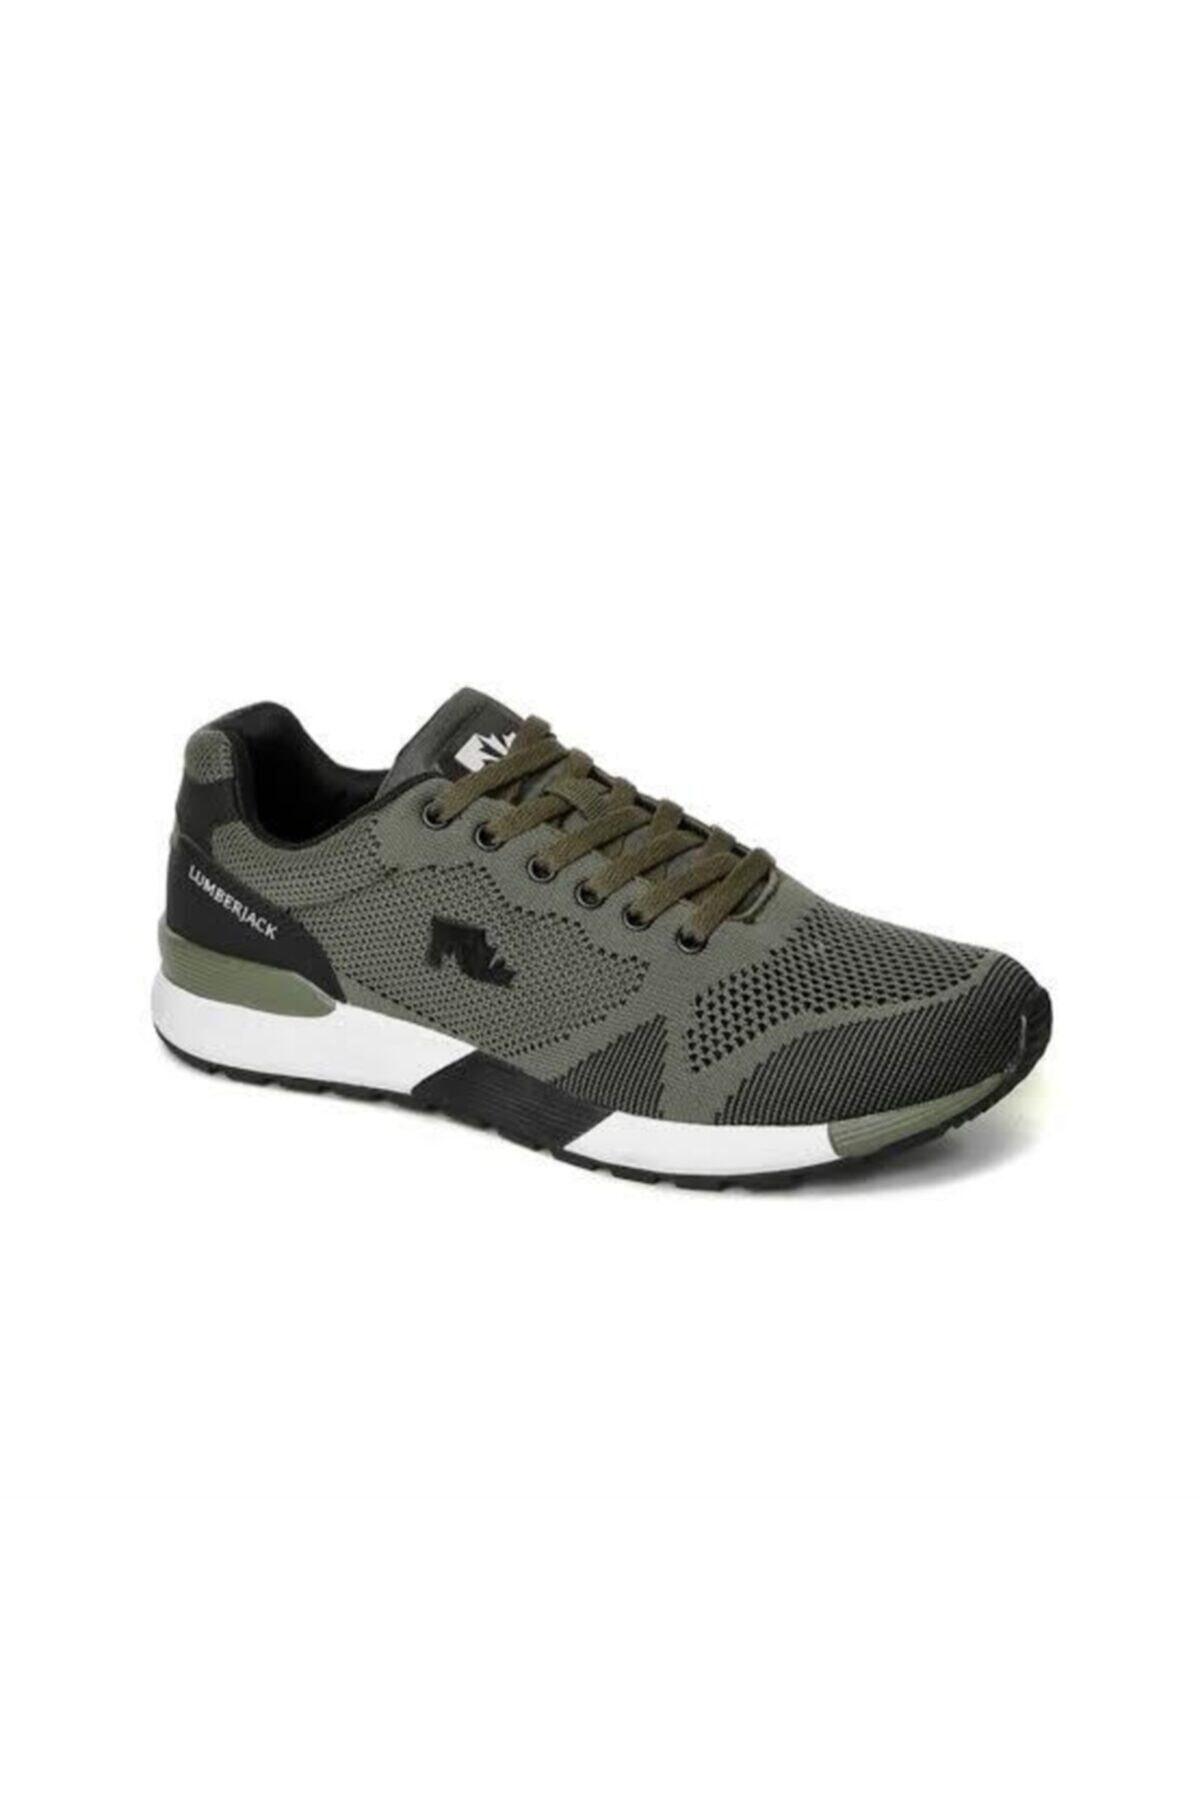 lumberjack VENDOR 9PR Haki Erkek Sneaker Ayakkabı 100416554 2